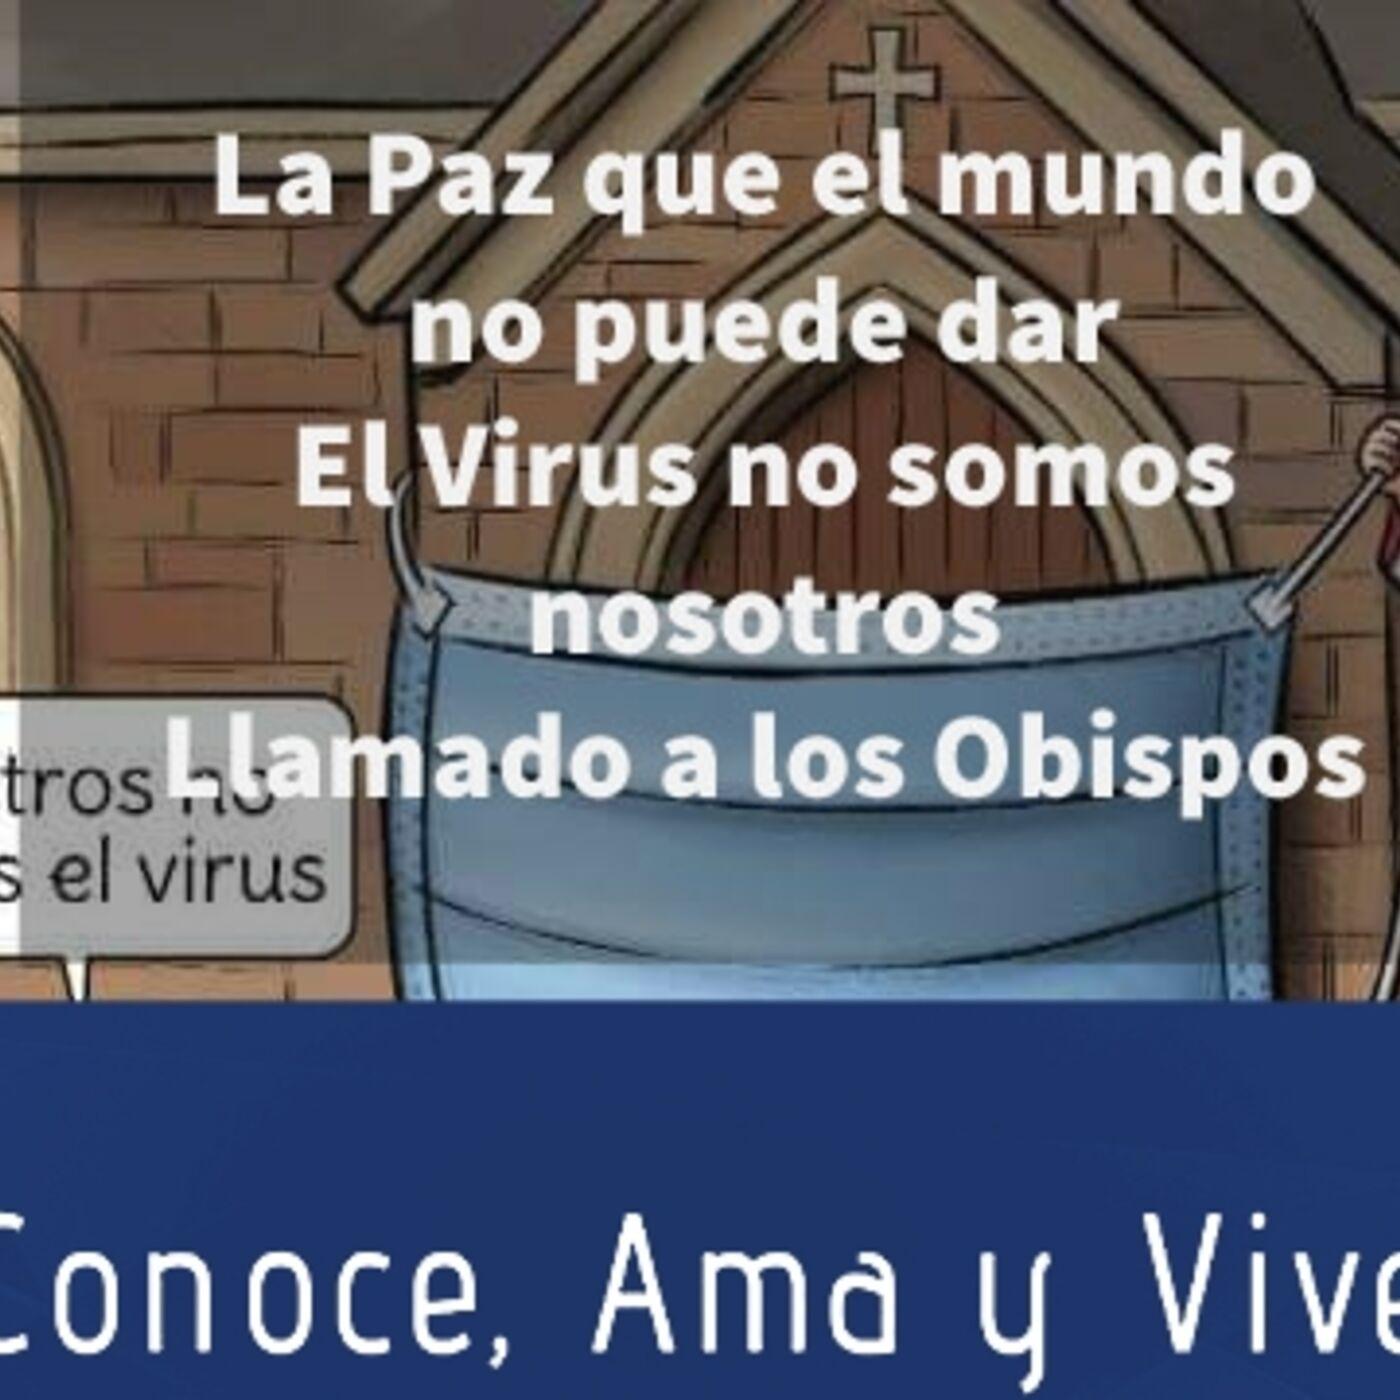 Episodio 246: 😷 Su excelencia: El Virus no somos nosotros ✝️ La Paz que el mundo no nos puede dar 🙏